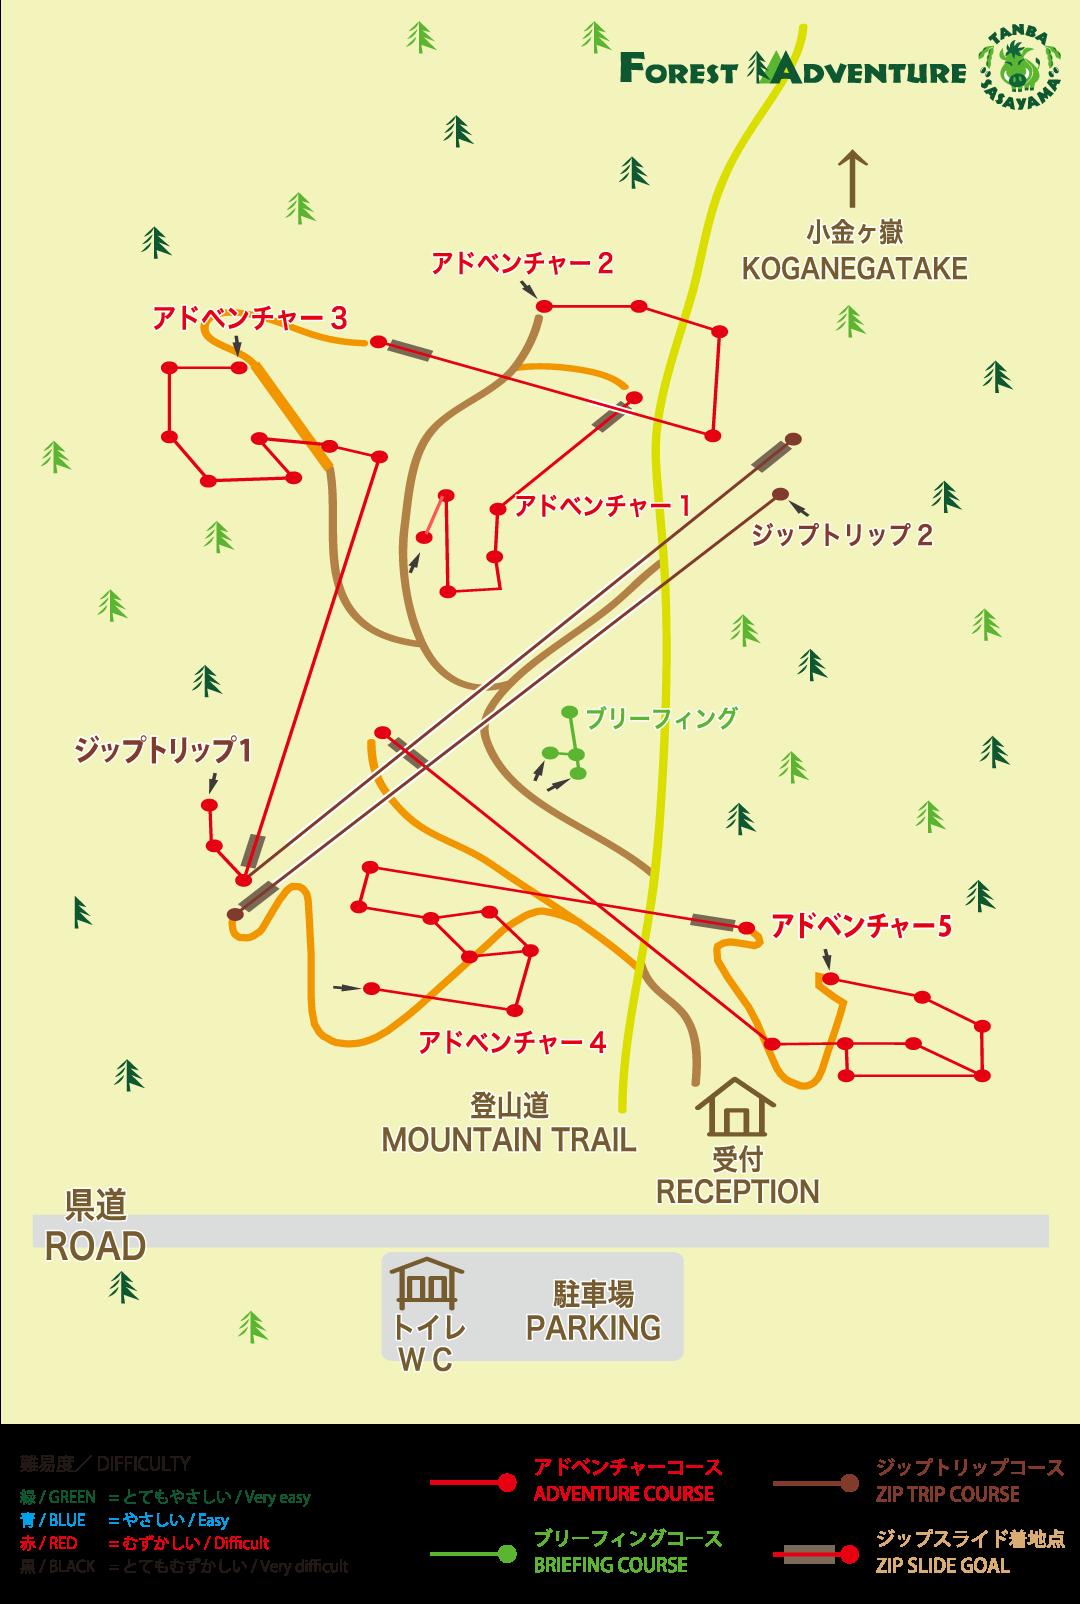 フォレストアドベンチャー丹波ささやま・コースマップ